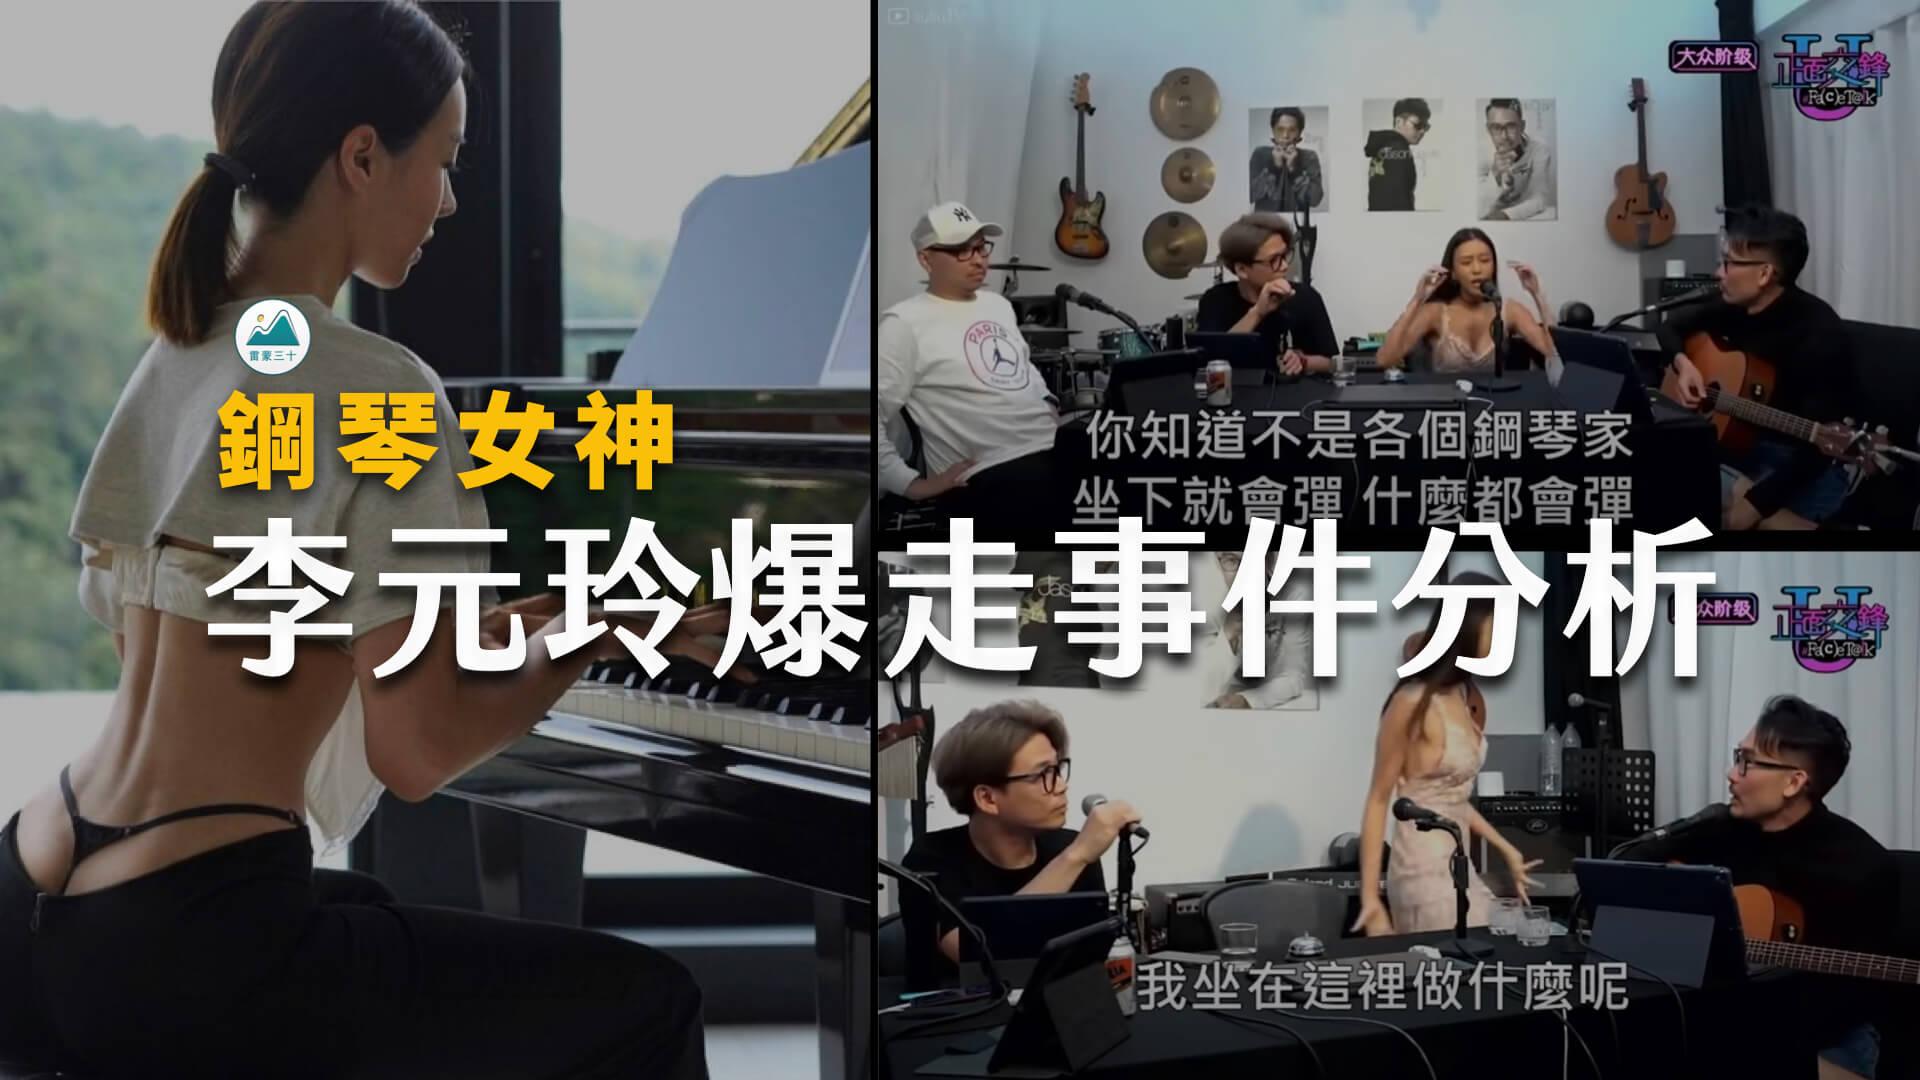 李元玲直播節目爆走事件分析